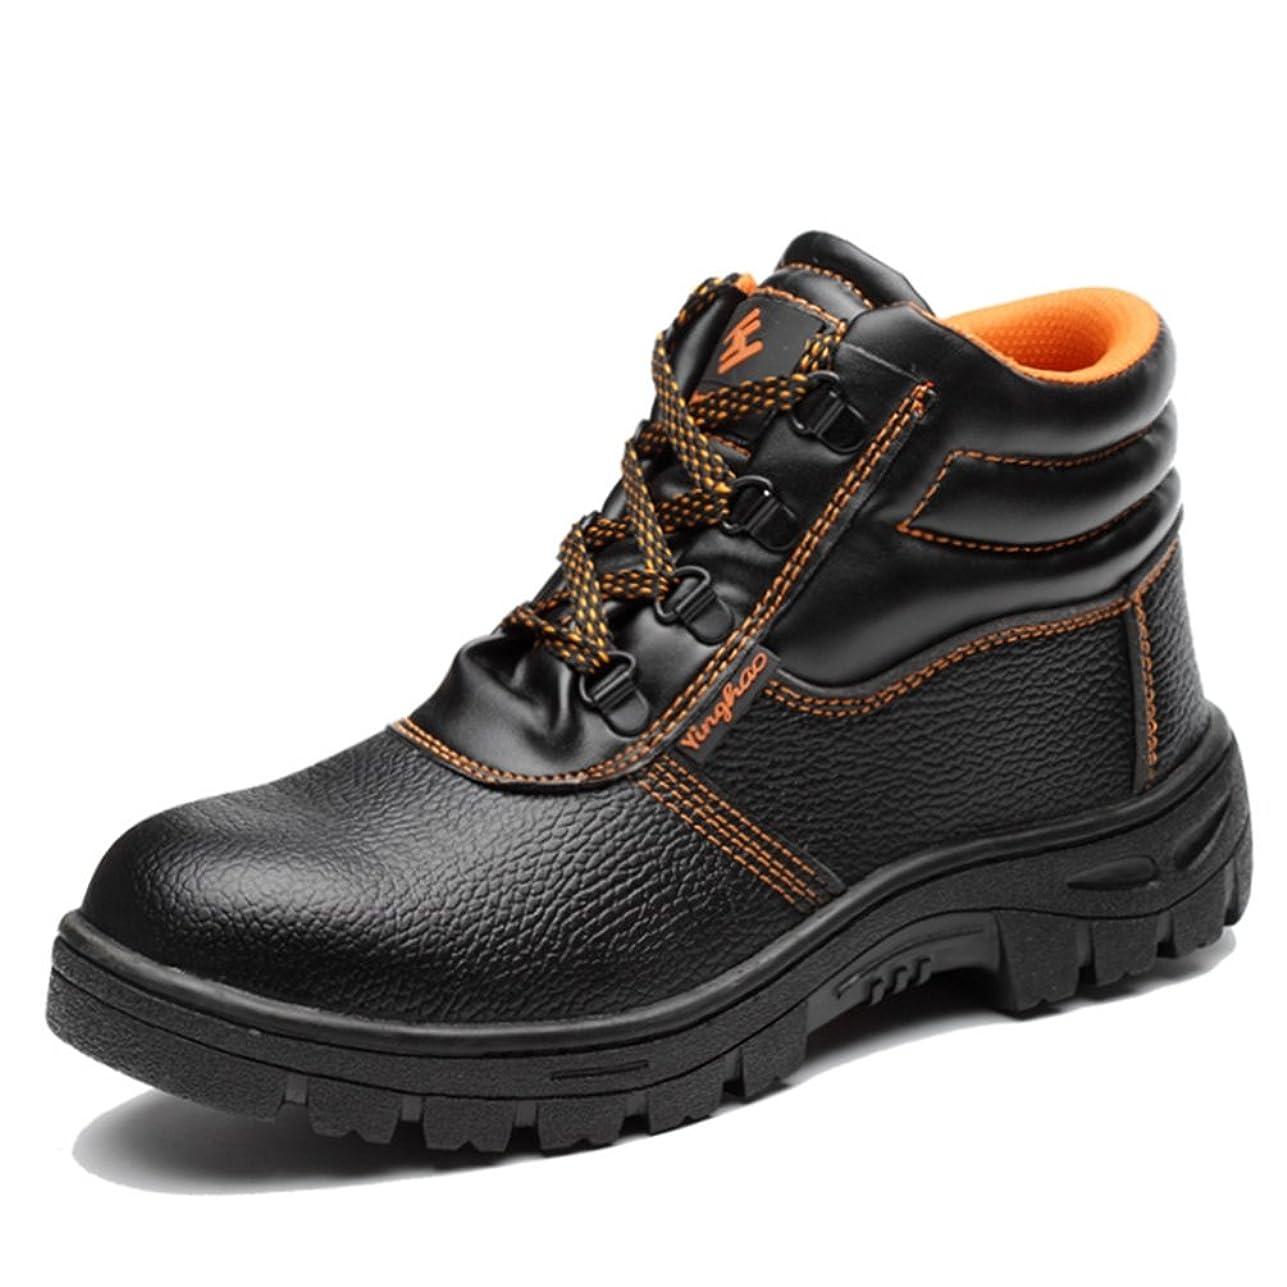 無実信条花に水をやる[LuckyDays] 安全靴 ハイカット 紐タイプ 編み上げ 快適で丈夫 防水 通気 軽量 メンズ レディース スチール先芯 ウレタン二層底 鋼製ミッドソール 防滑 耐油 耐酸 性抜群 耐衝撃 耐摩耗性 23.0cm-28.0cm 黒